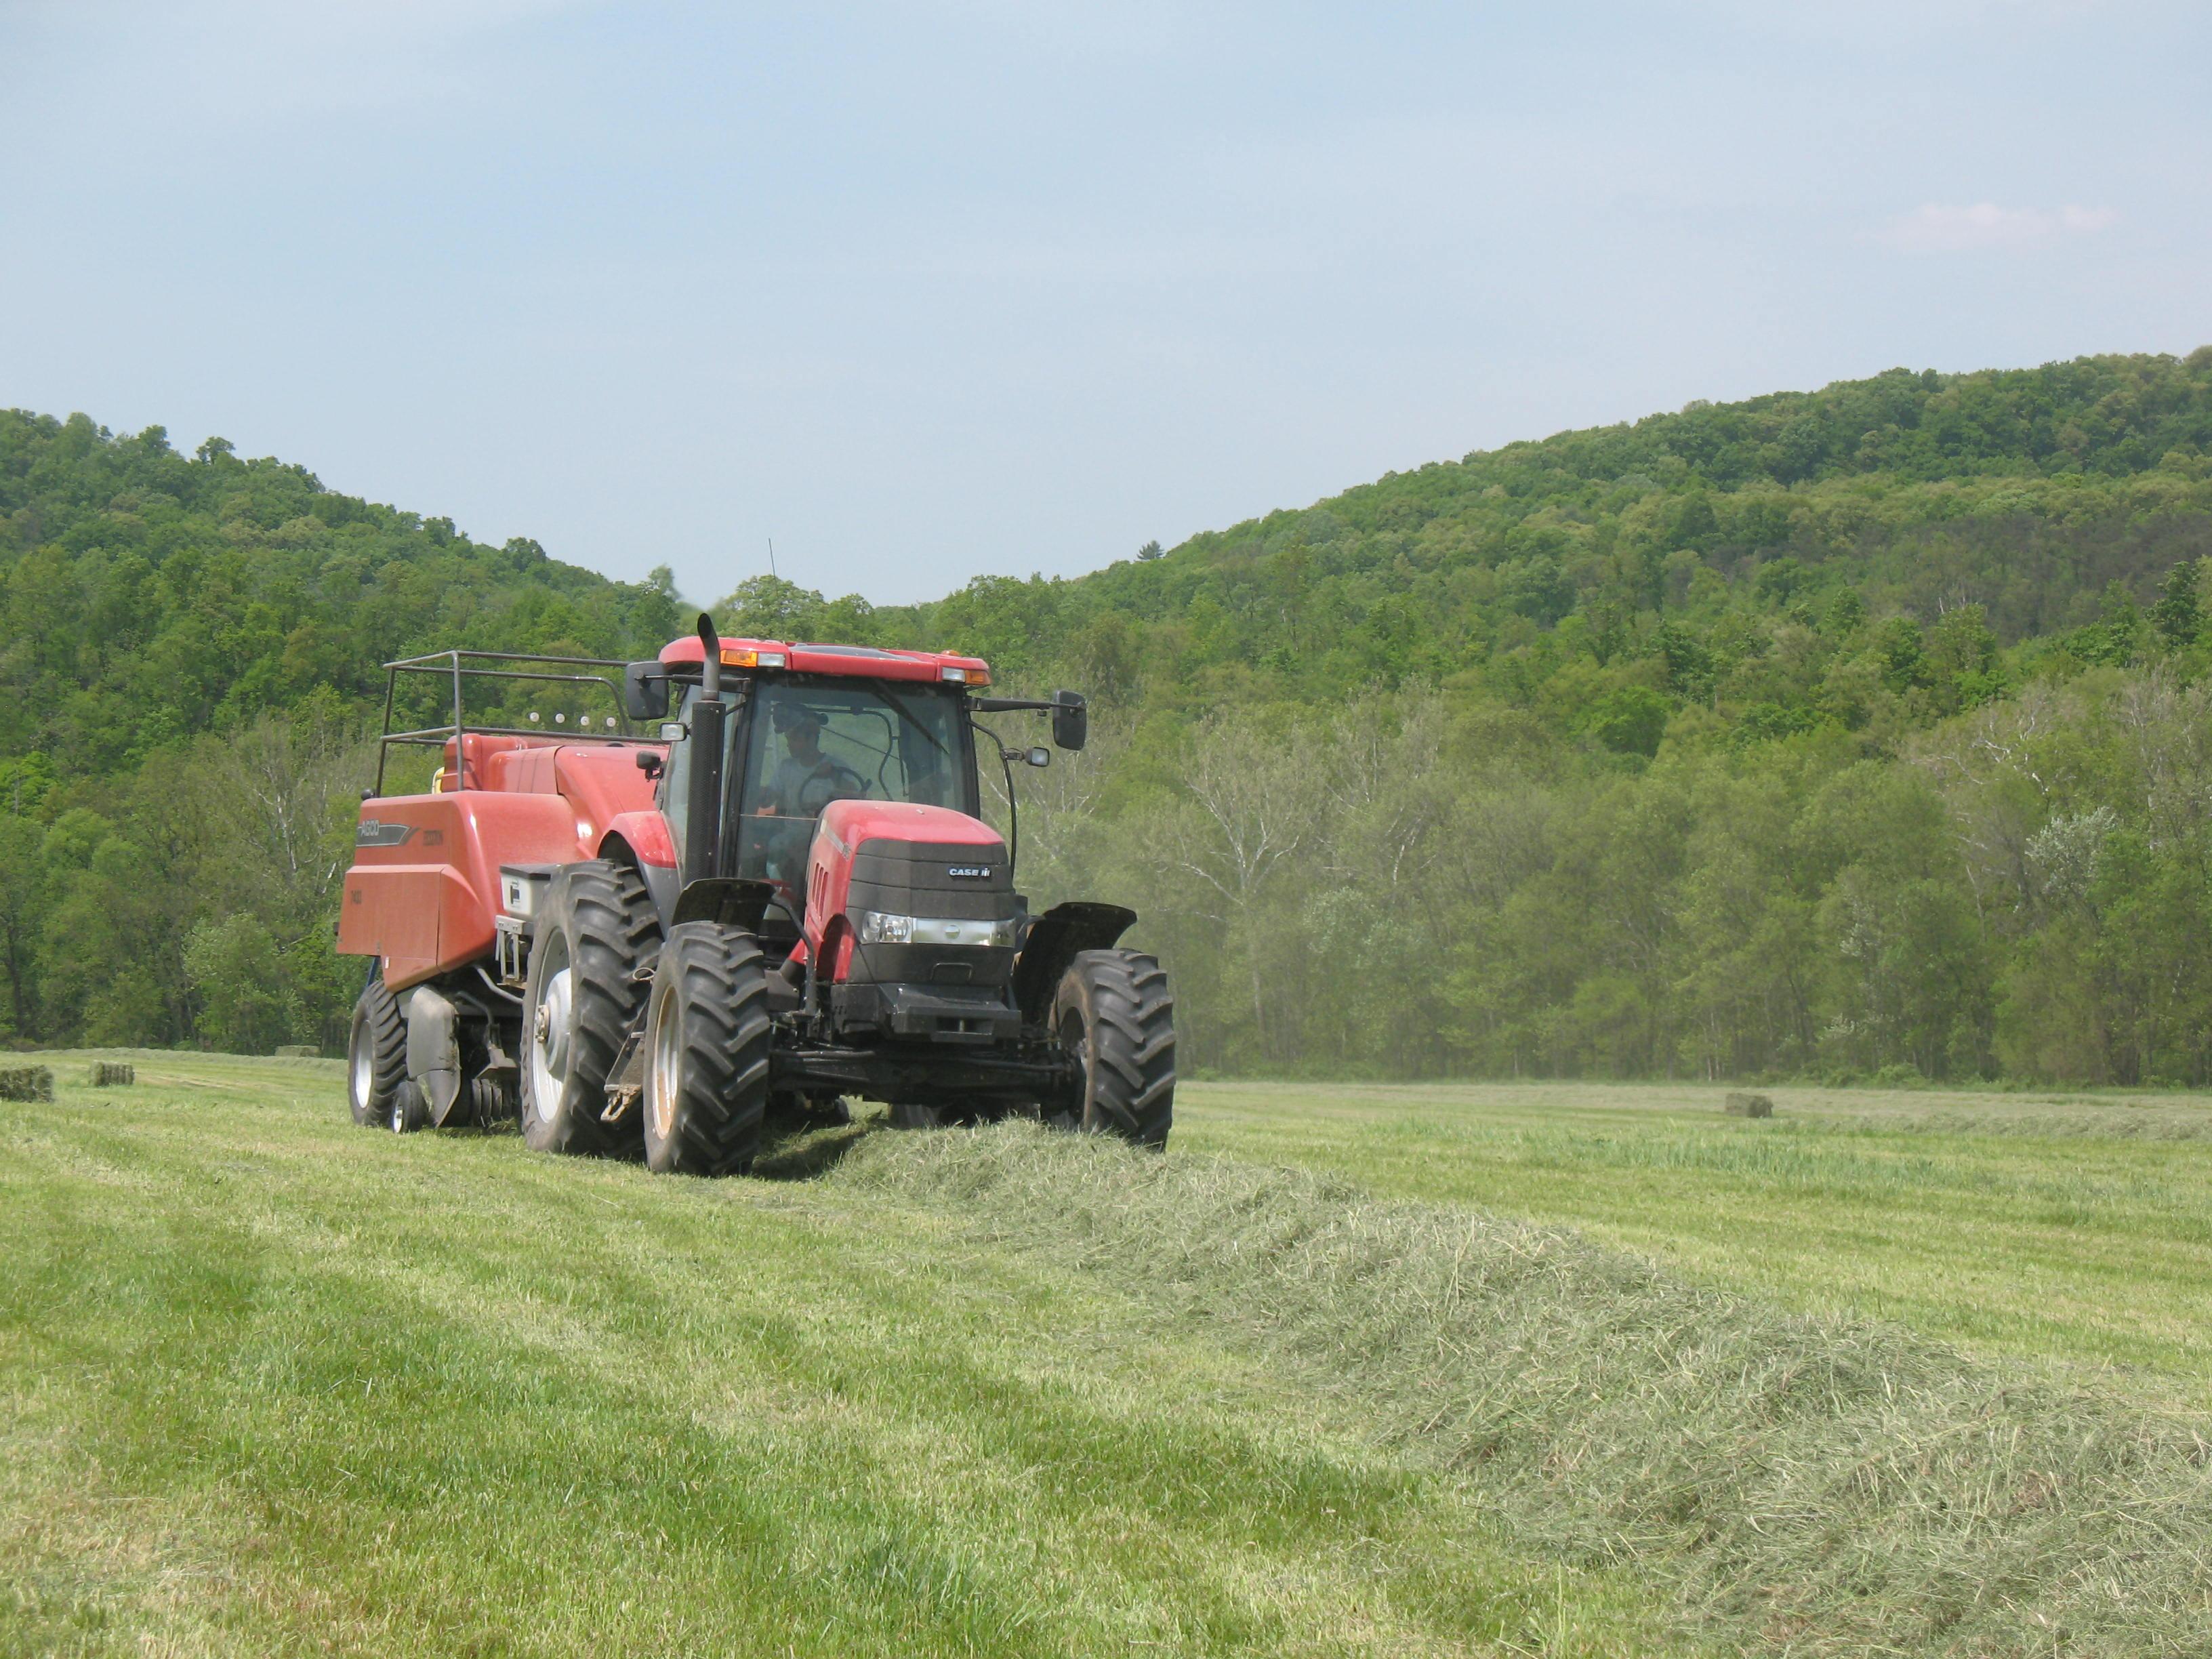 tractor in feild